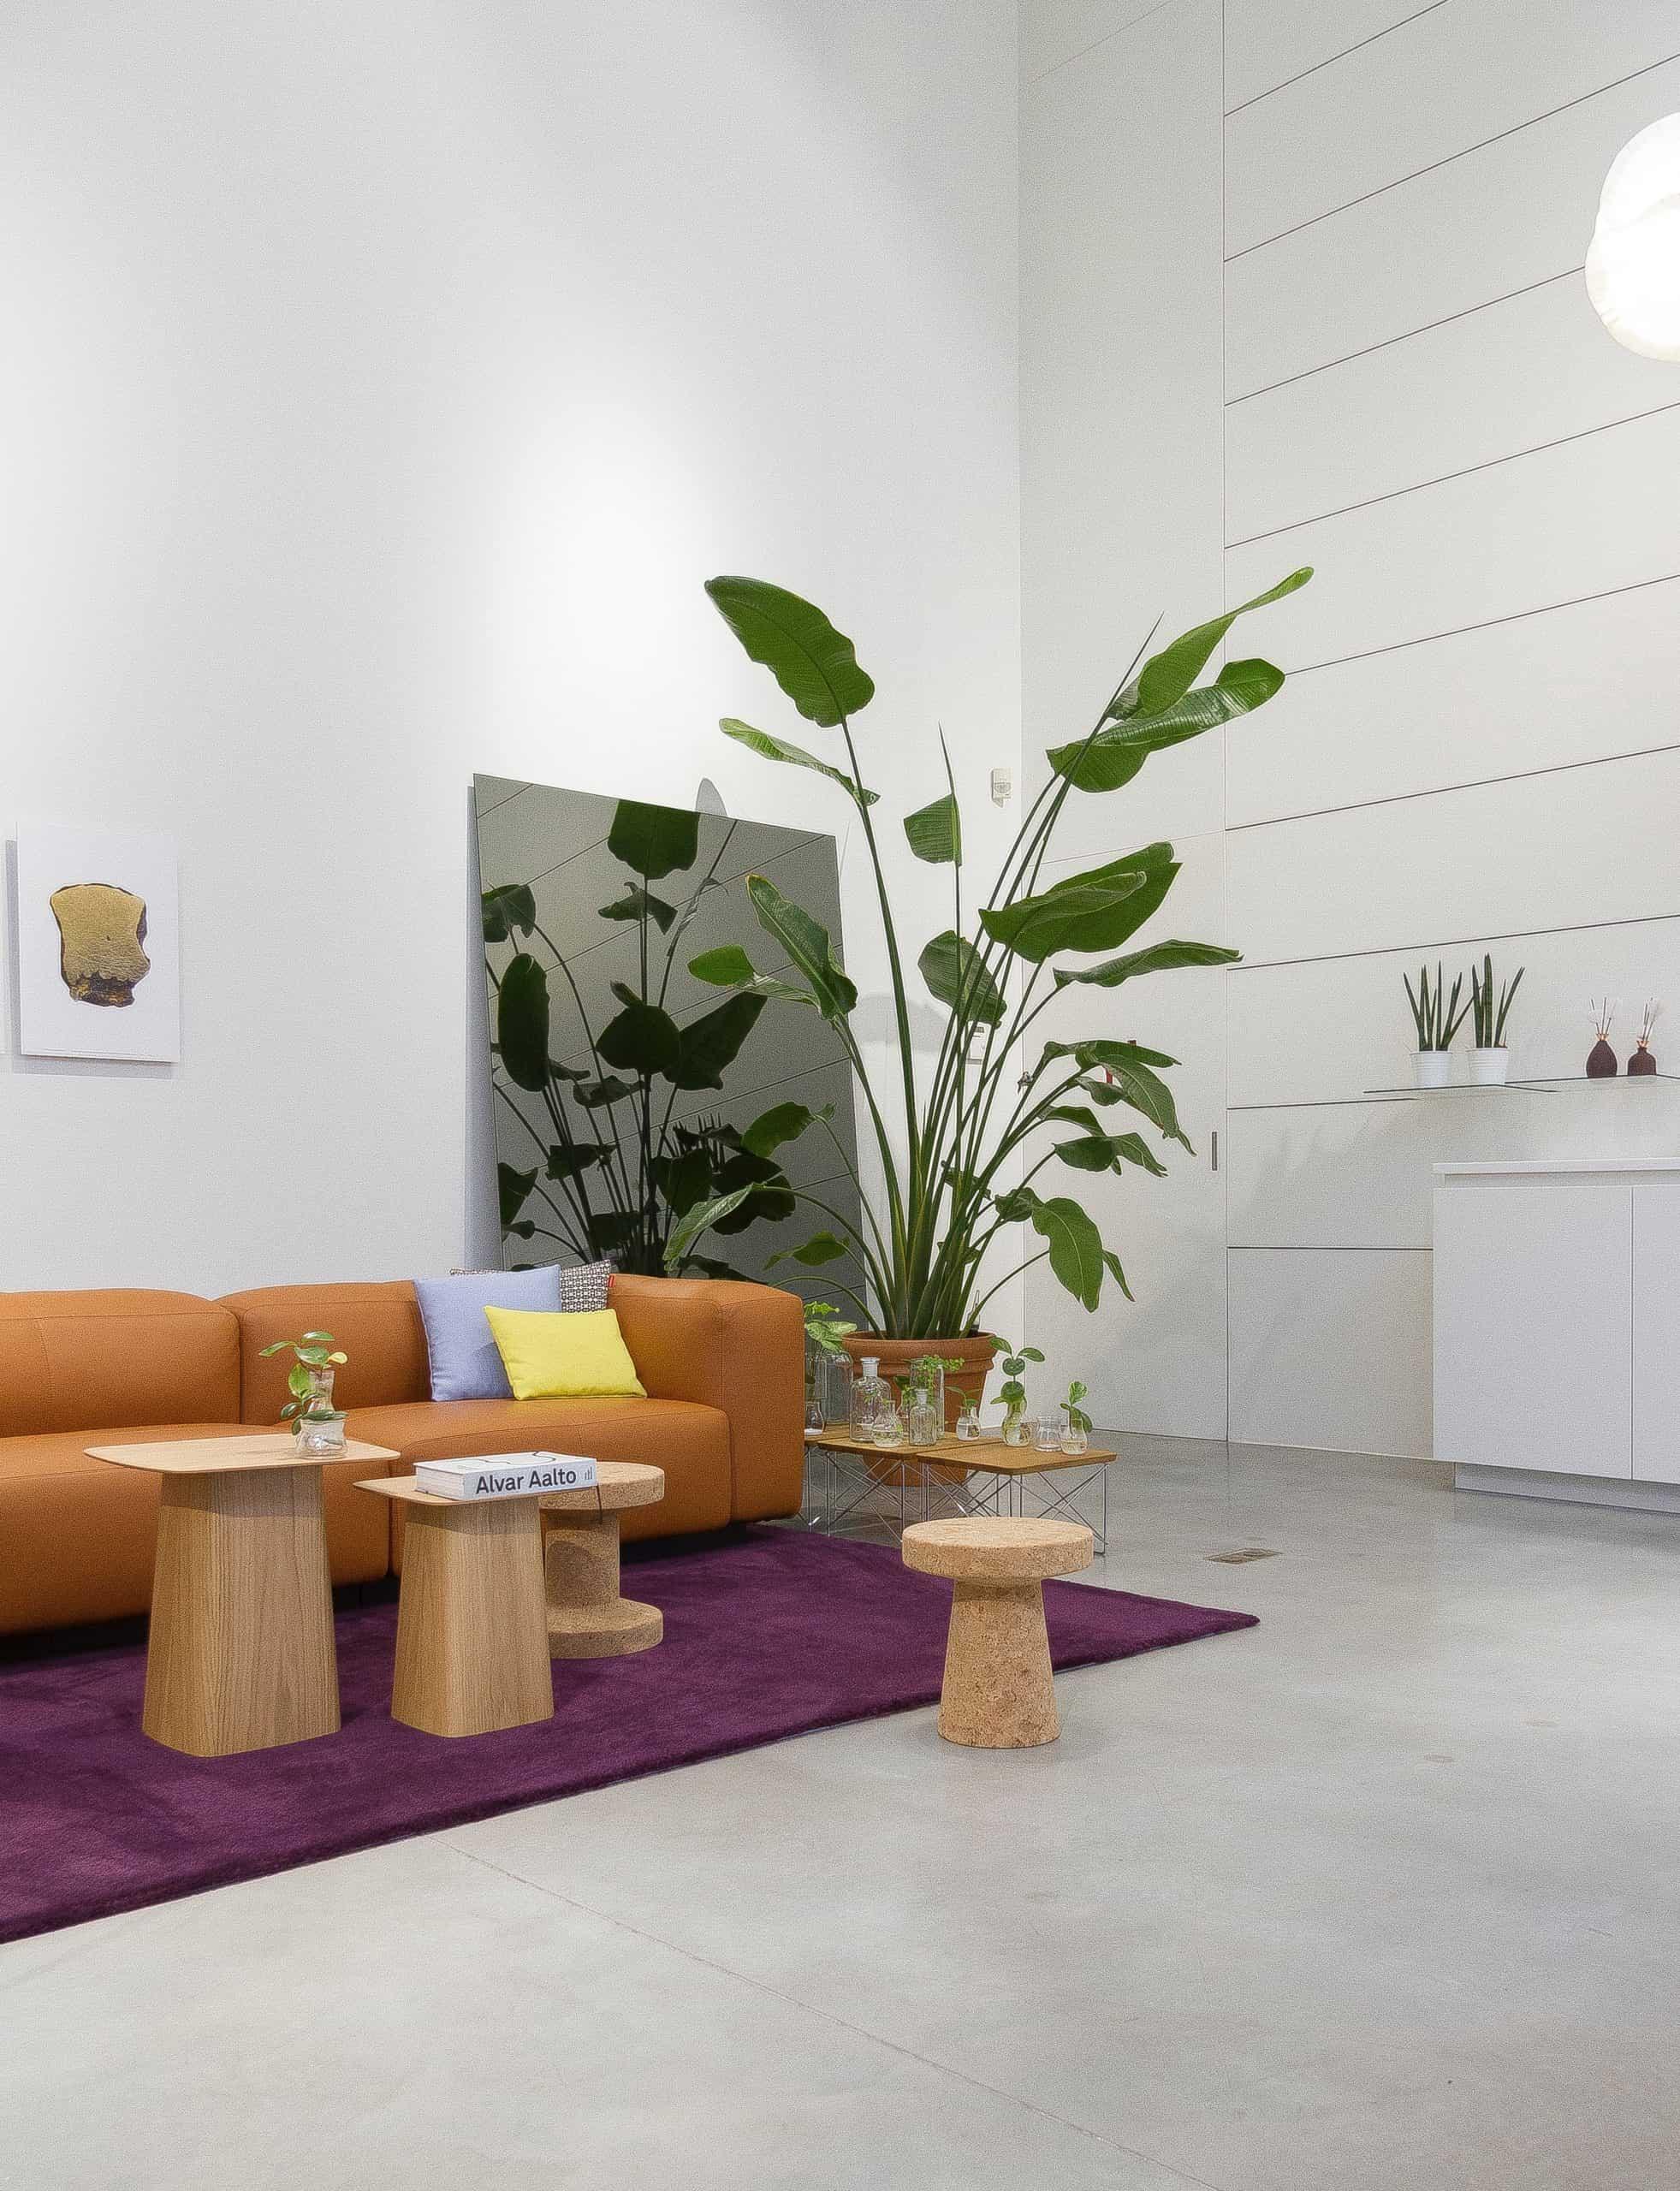 biophilic interior aesthetics